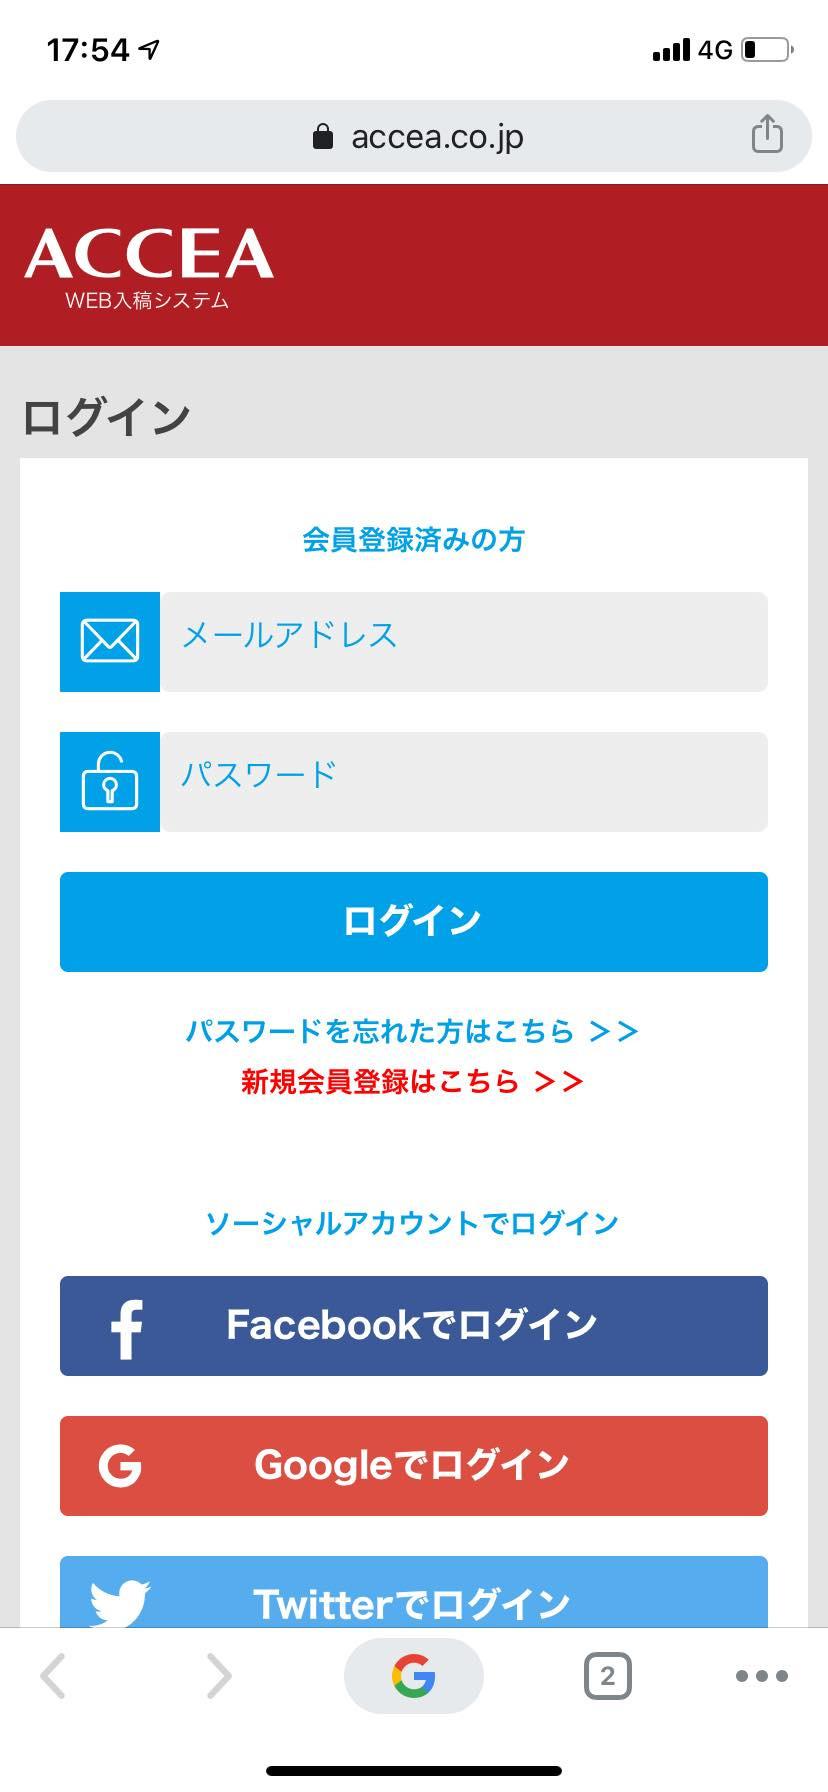 会員登録もしくはログインをします。取り急ぎ、SNSアカウントでログインすることもできます。